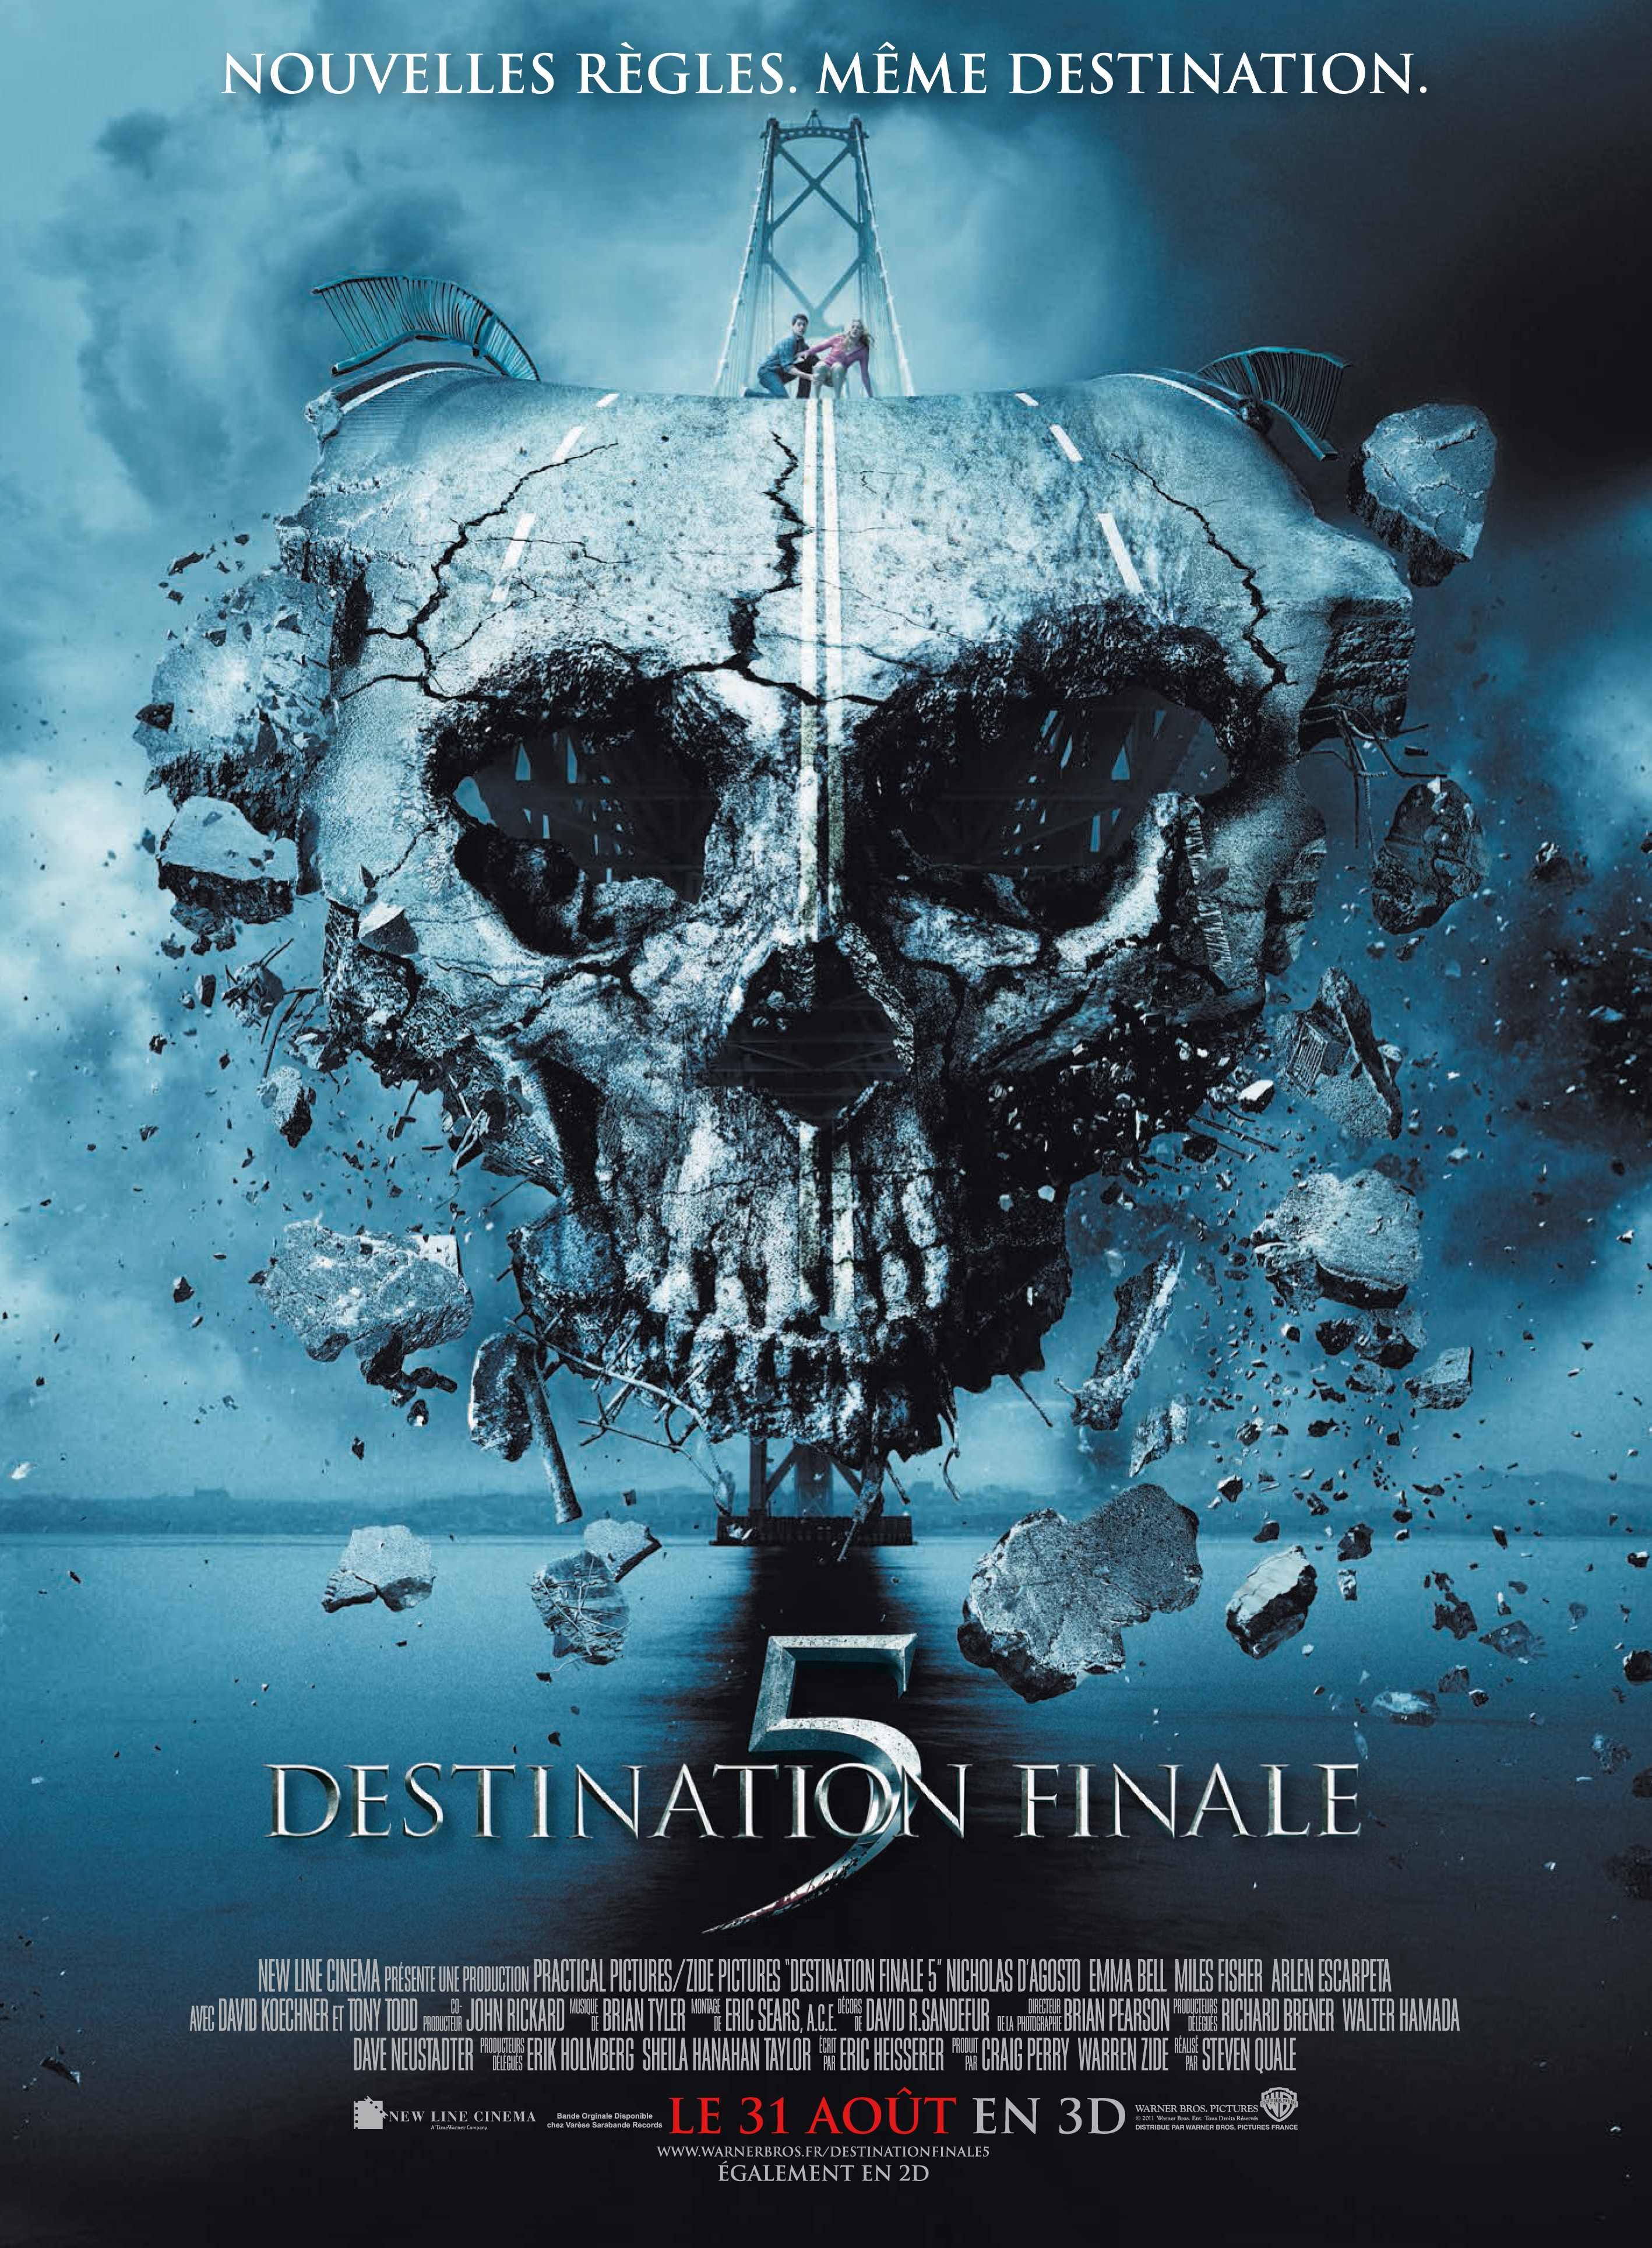 FILMS D'HORREUR 2 - Page 5 Destination-finale-5-affiche